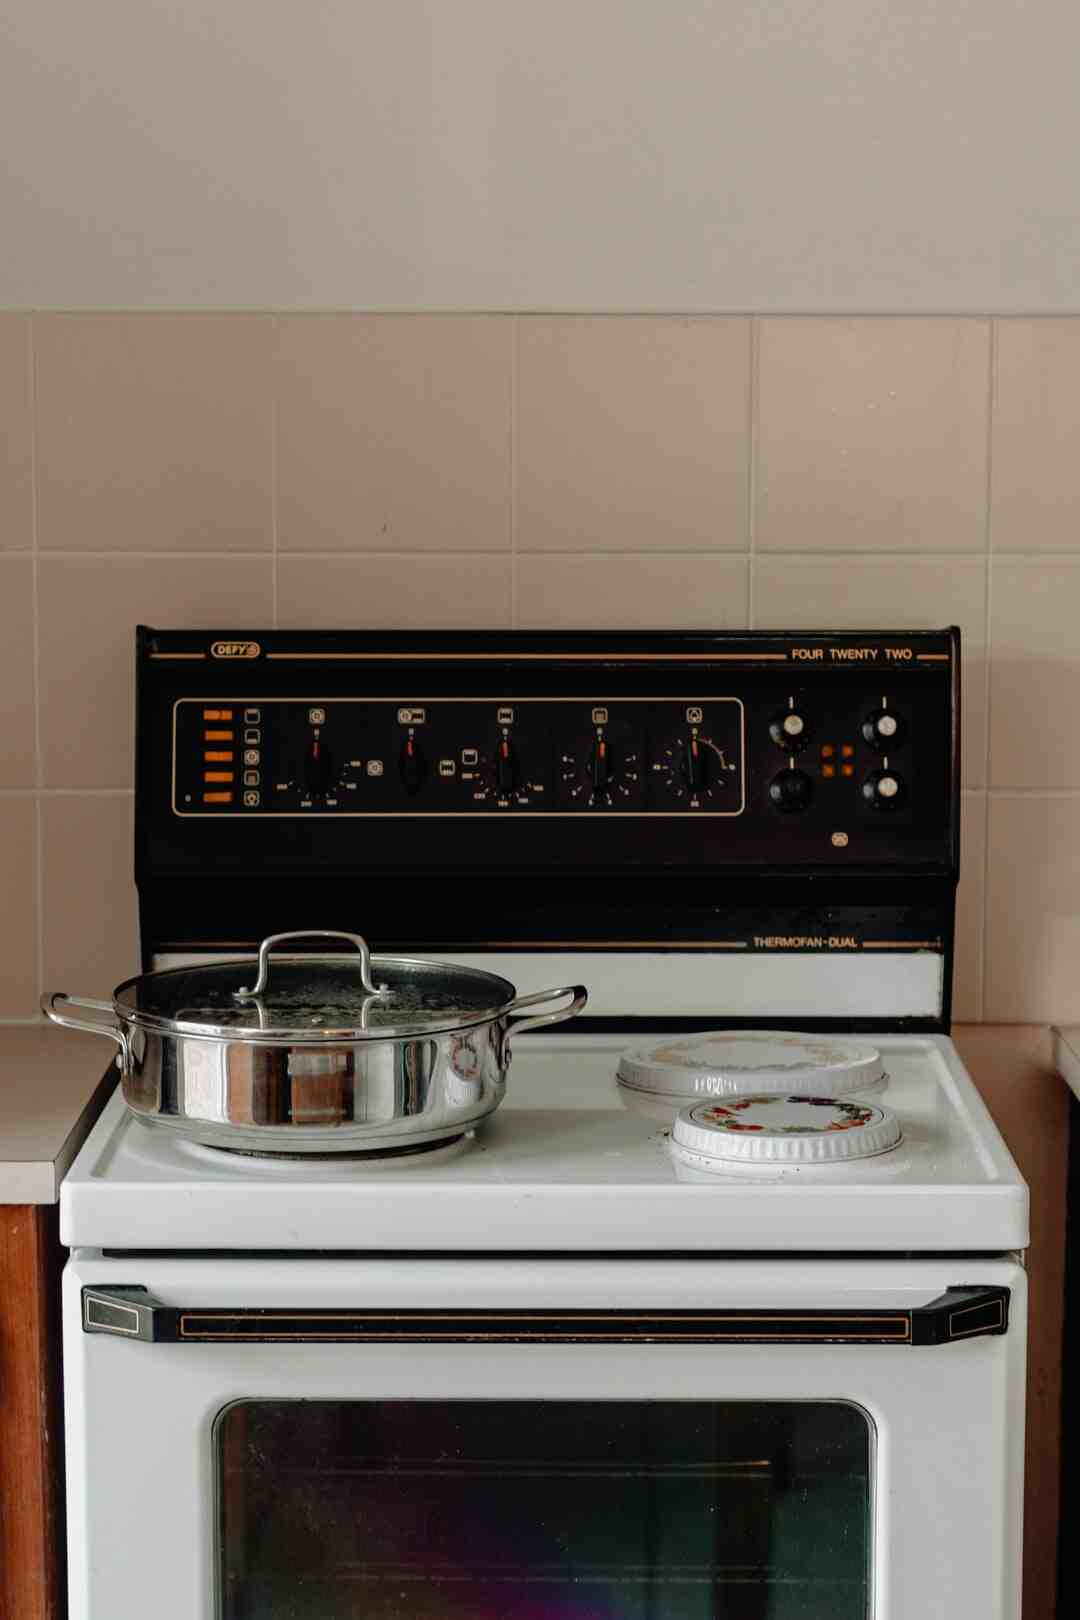 Comment faire cuire des pâtes plus vite ?